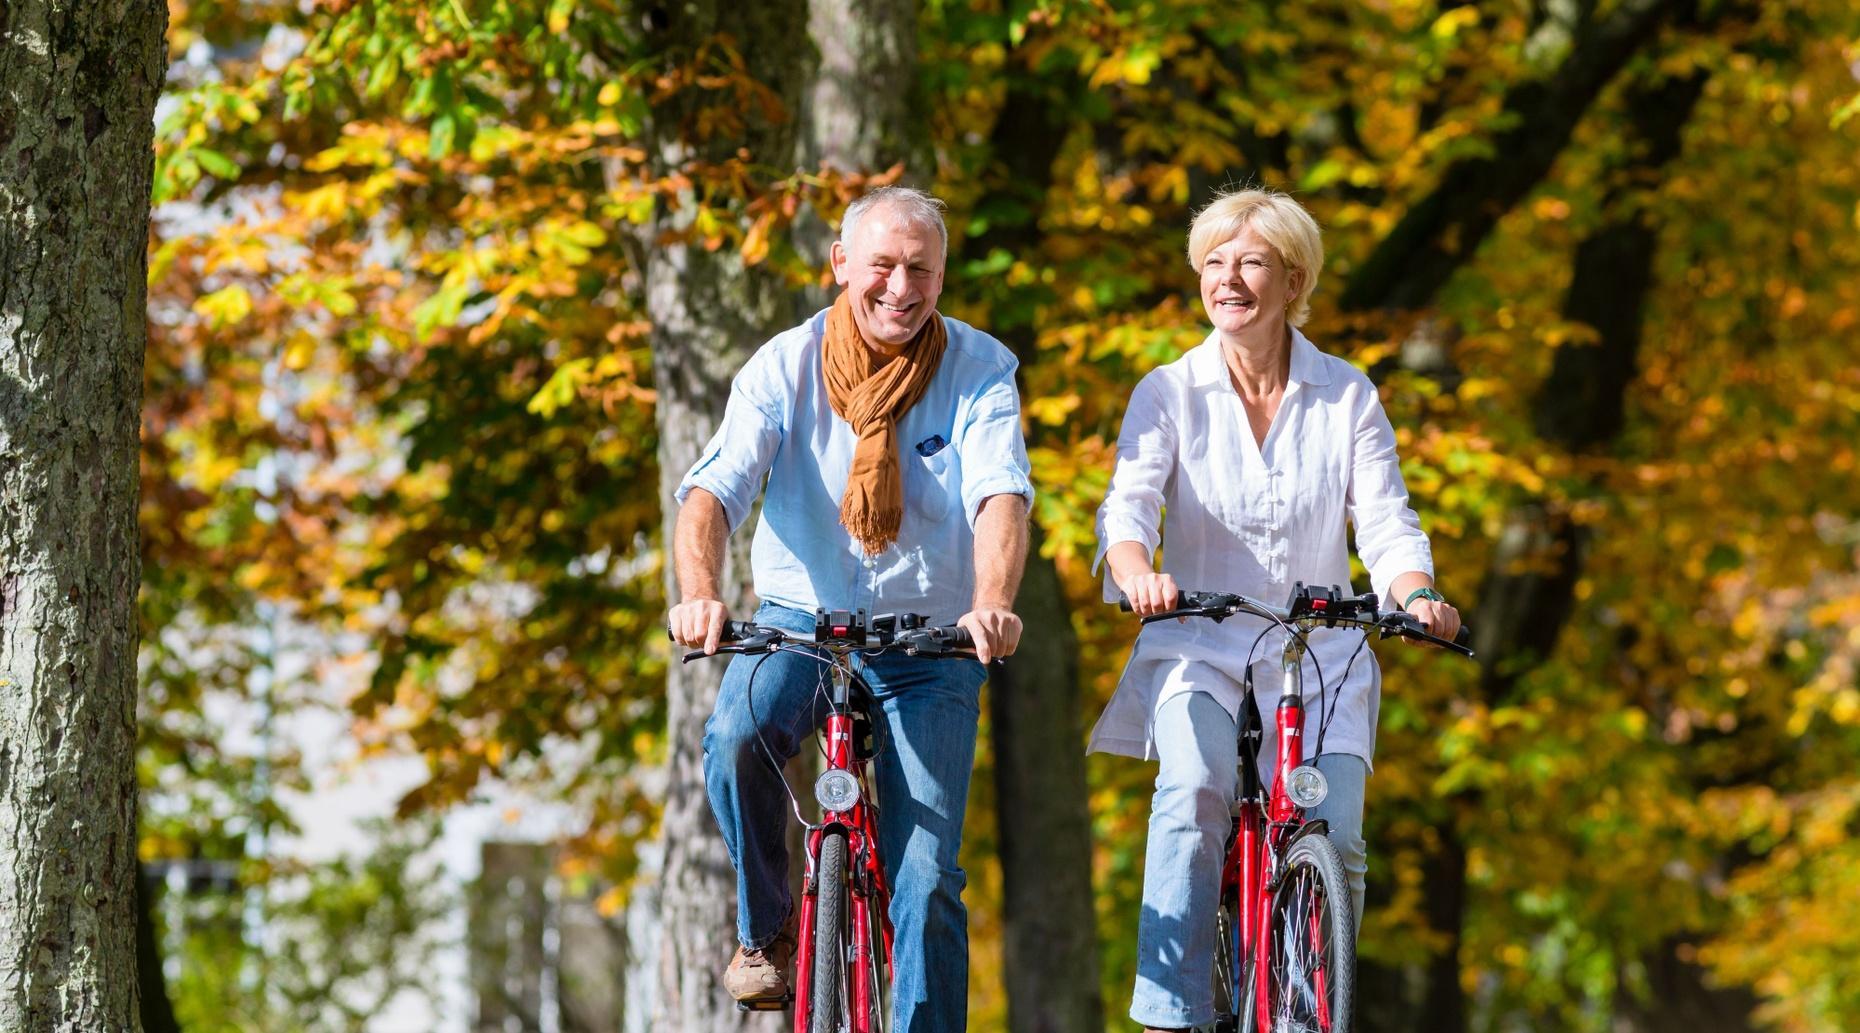 Multi-Ride Biking Package in Doylestown